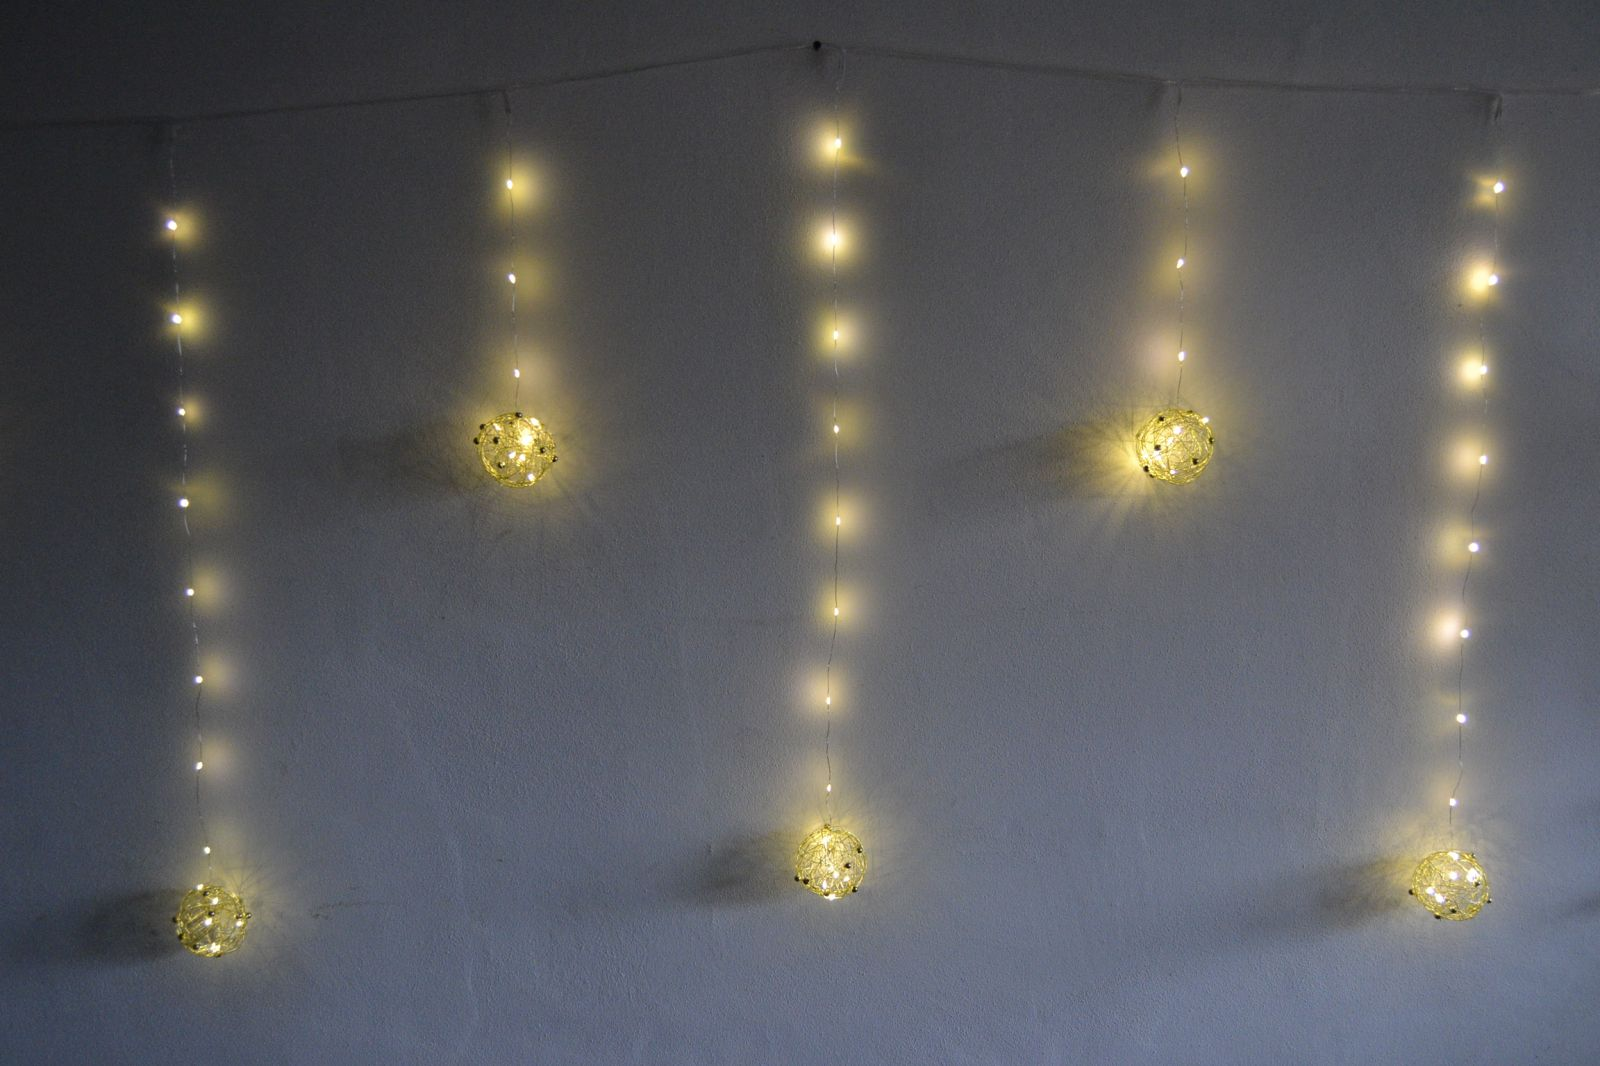 Venkovní vánoční osvětlení, závěs, koule - teple bílé - 196 led